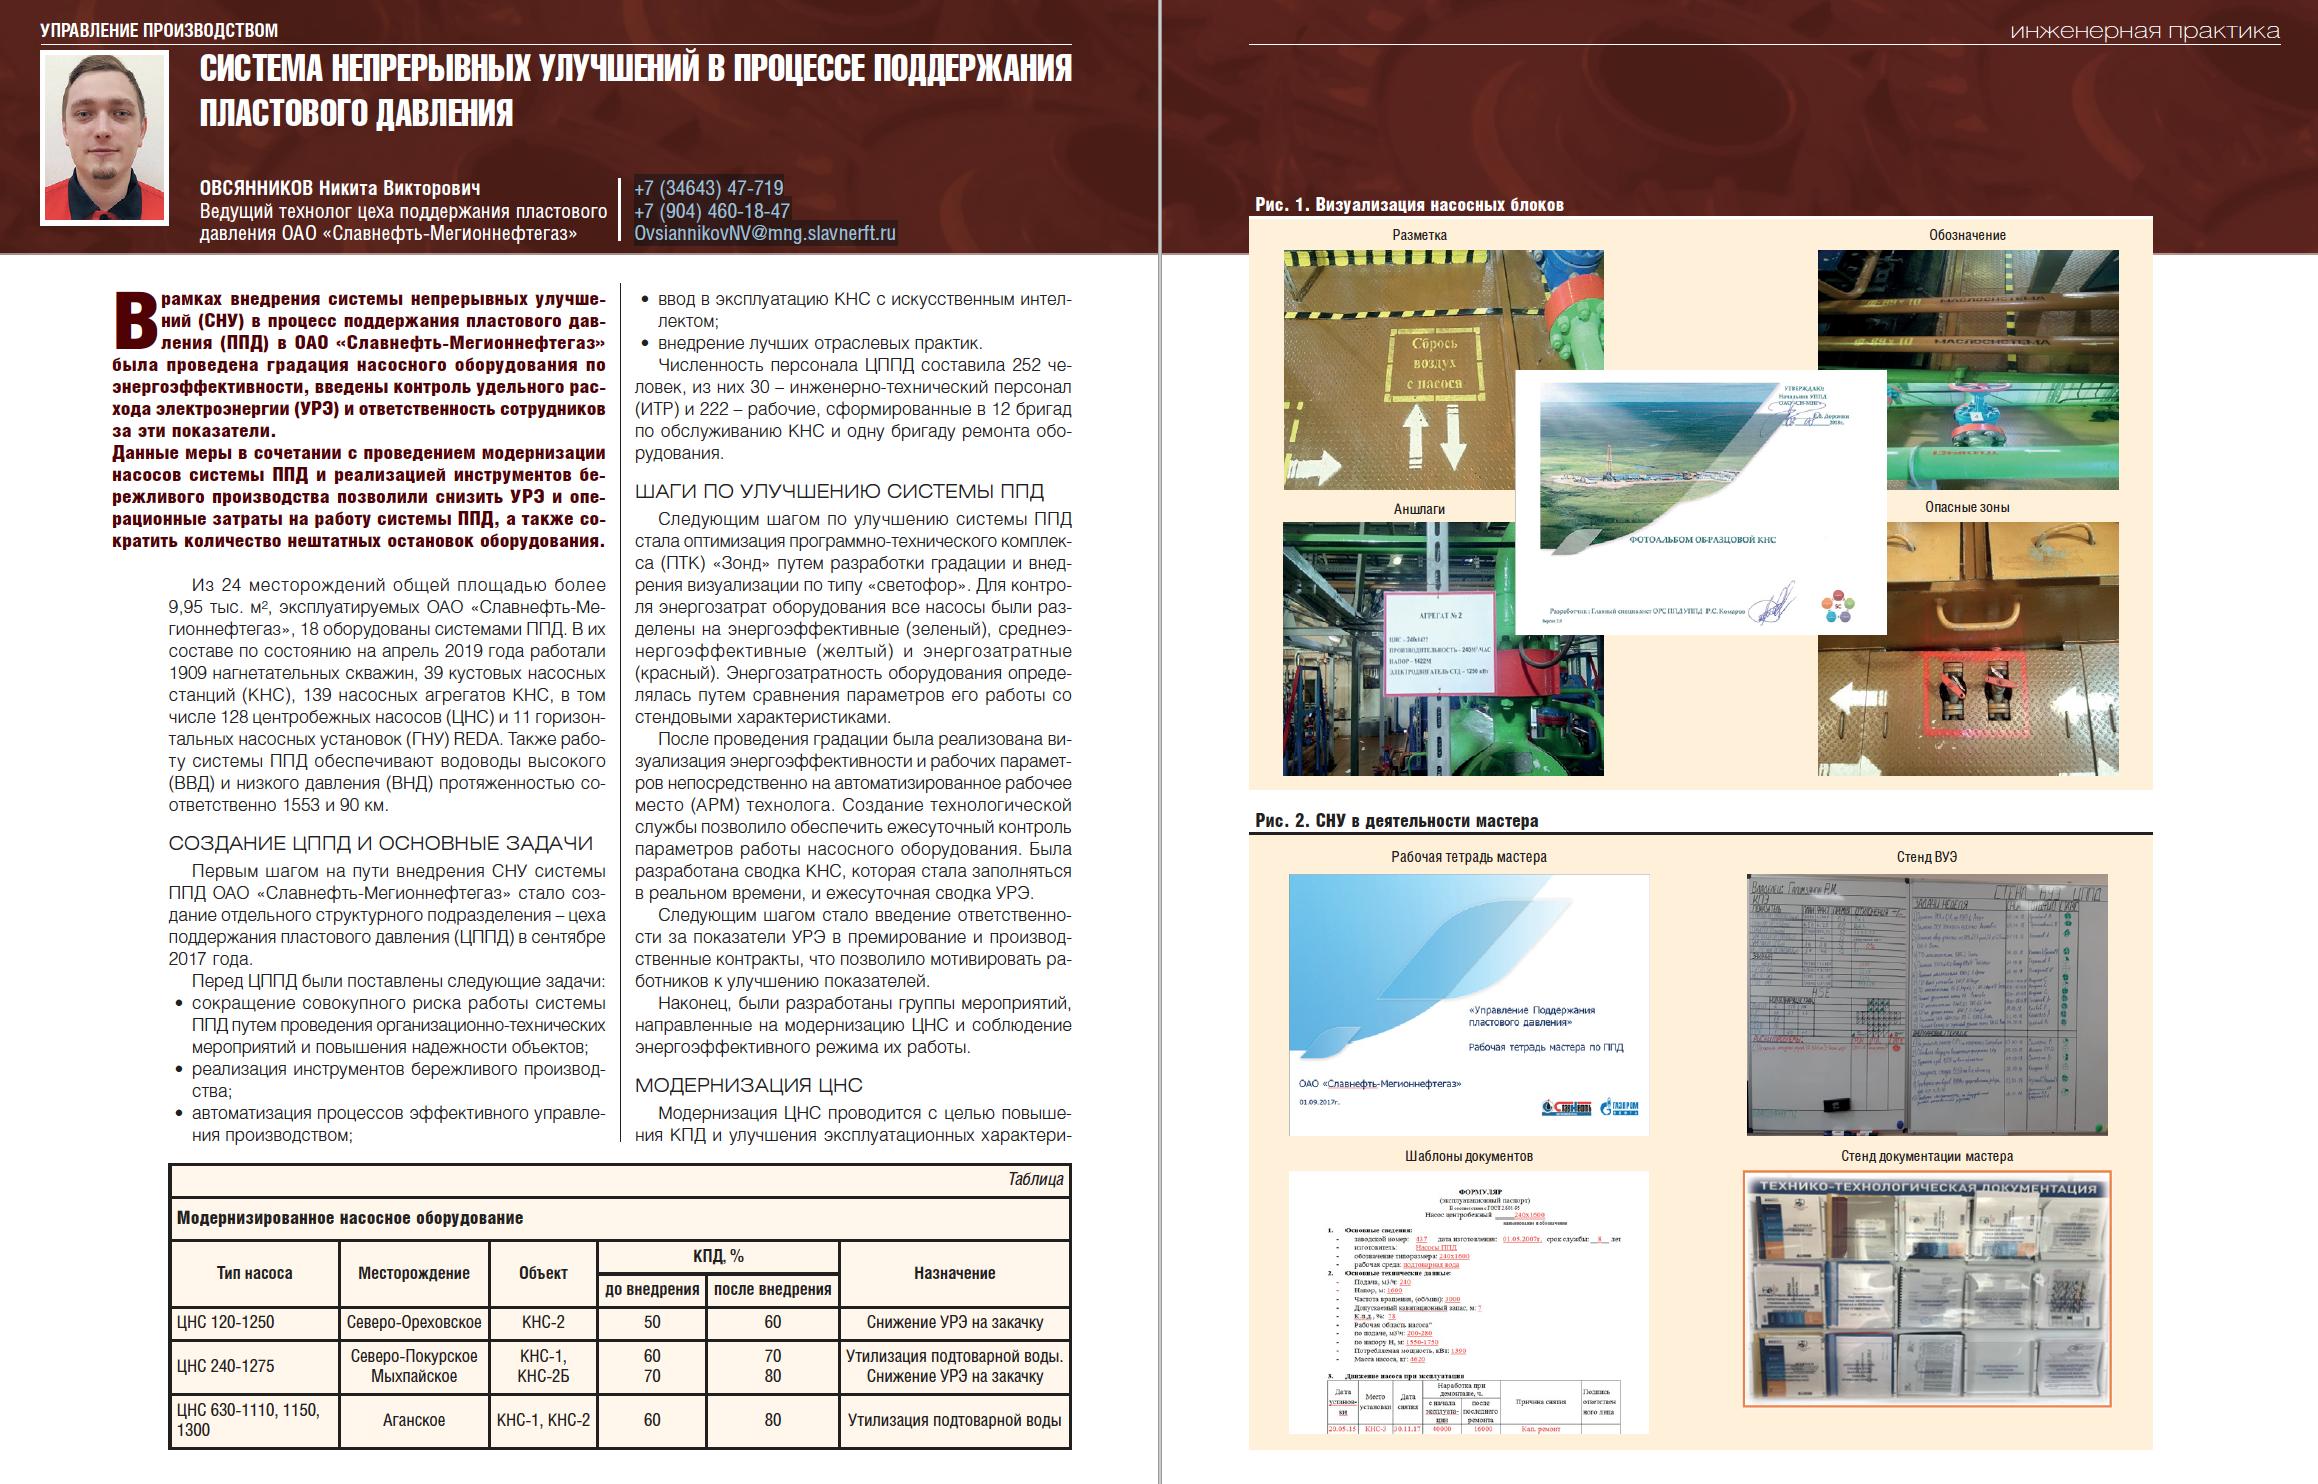 30805 Система непрерывных улучшений в процессе поддержания пластового давления